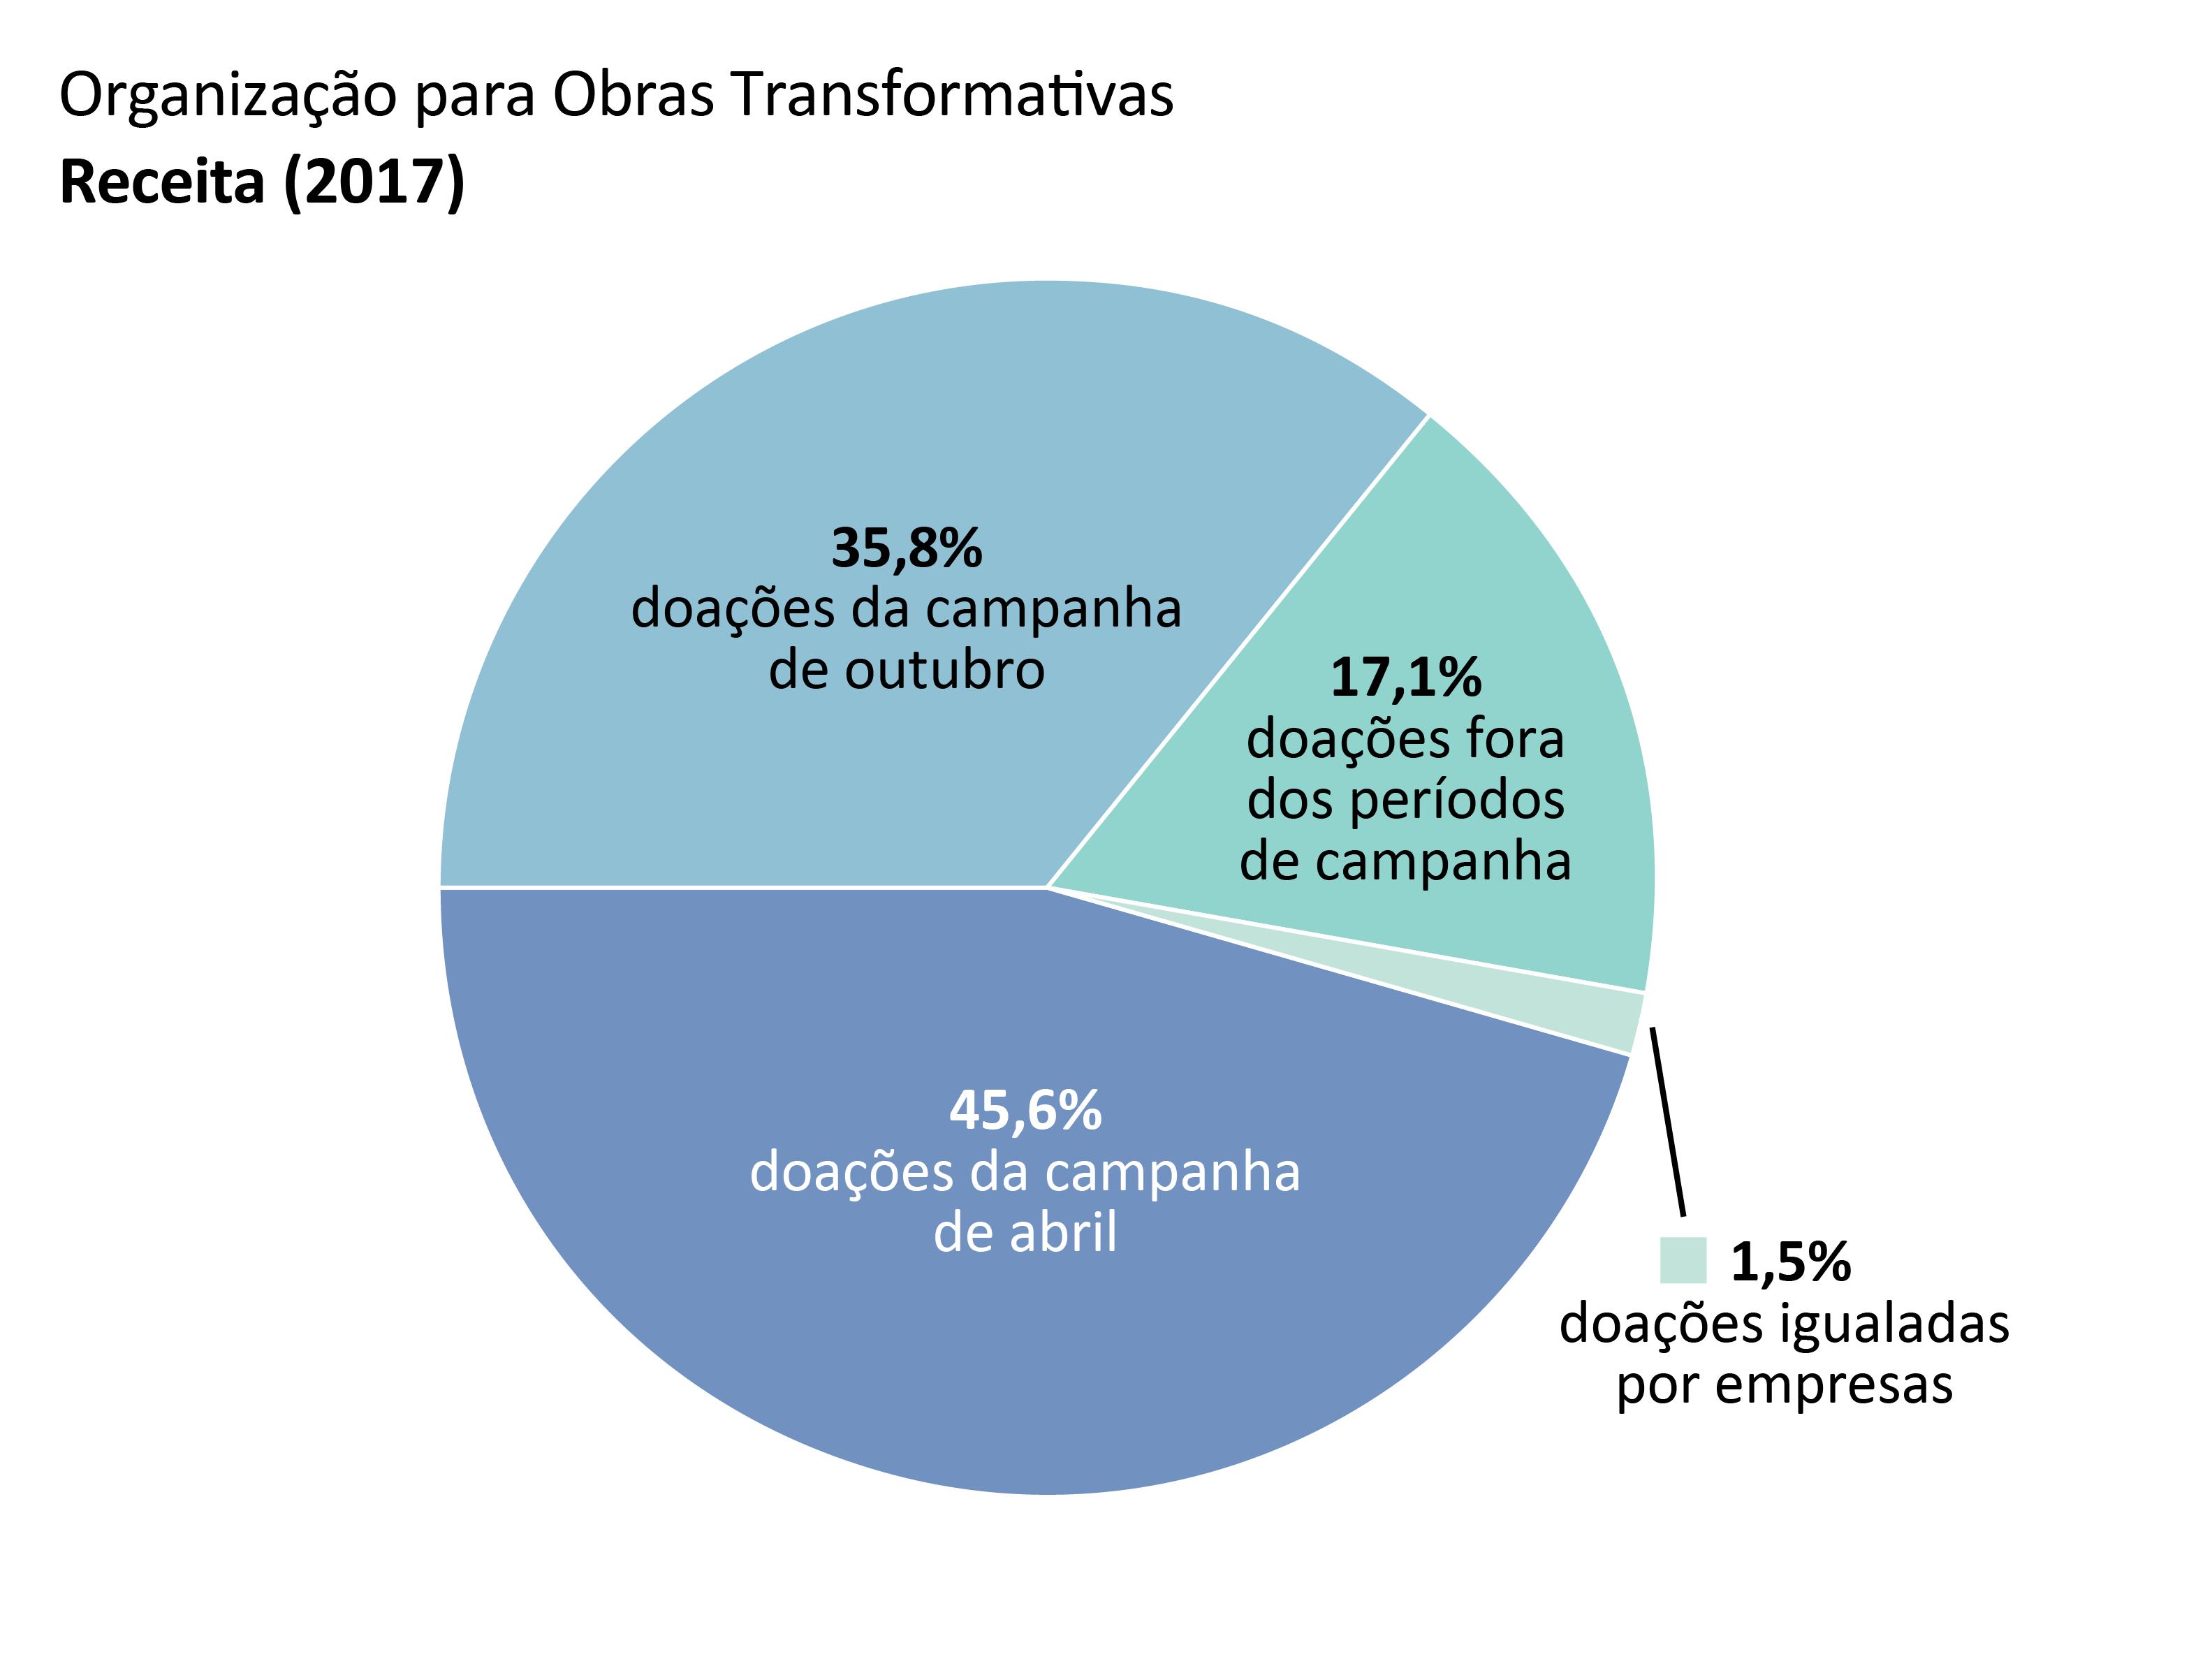 Receita da OTW: doações da campanha de abril: 45,6%; doações da campanha de outubro: 35,8%; doações fora dos períodos de campanha: 17,1%; doações igualadas por empresas: 1,5%.